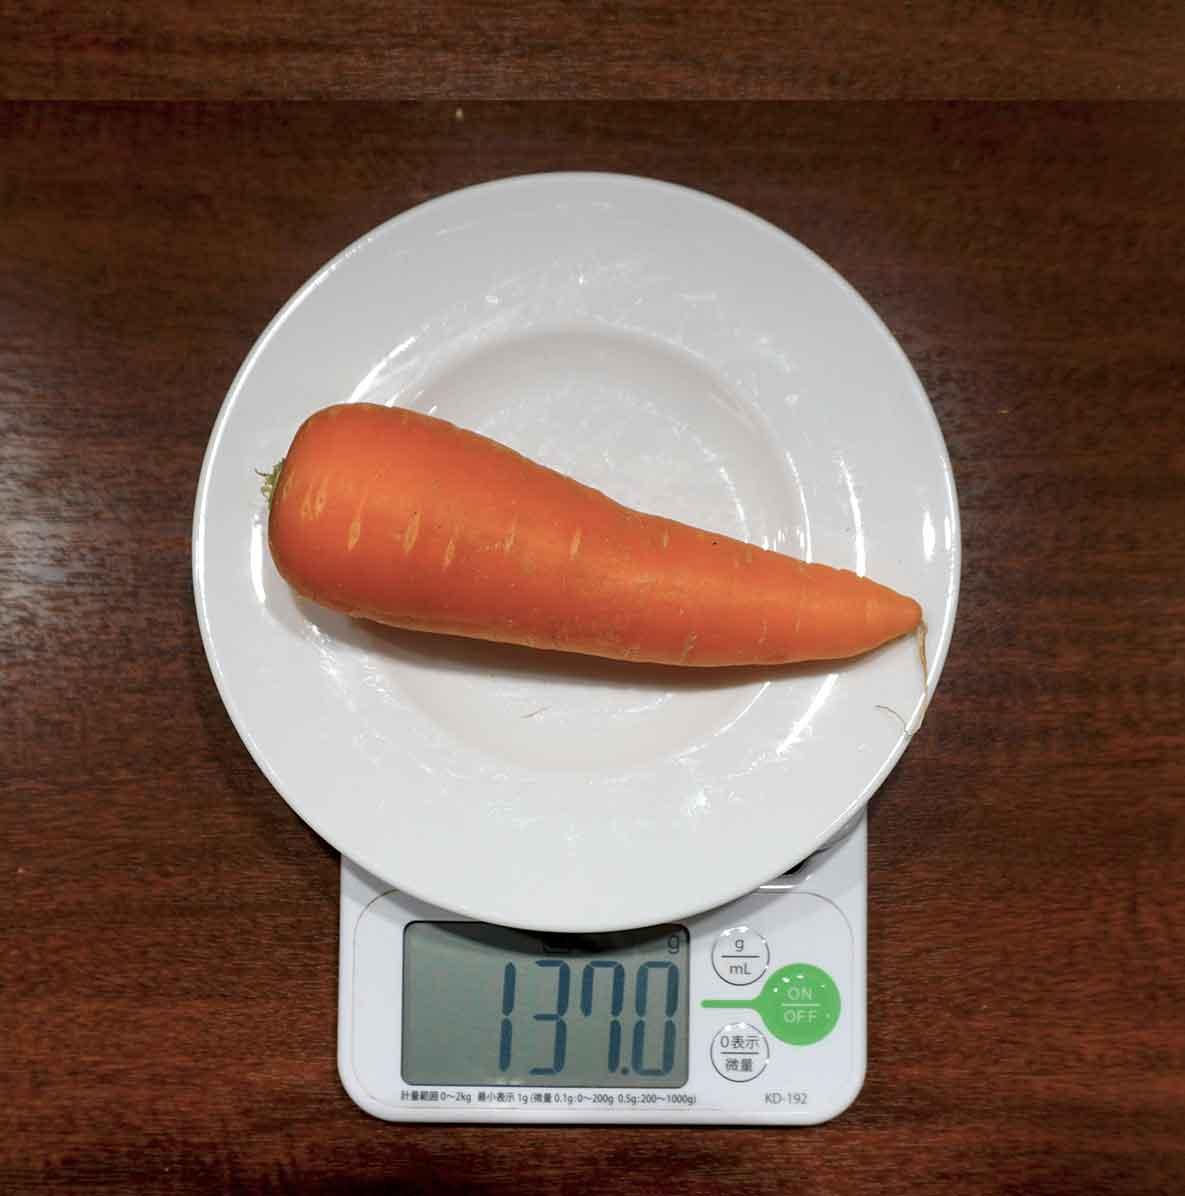 「1日にどれくらいの野菜を食べたらいいの?」知っている方が栄養【食物繊維その2】【適材適食】小園亜由美(管理栄養士・野菜ソムリエ上級プロ)糖尿病専門・甲状腺専門クリニック勤務@福岡姪浜・福岡天神